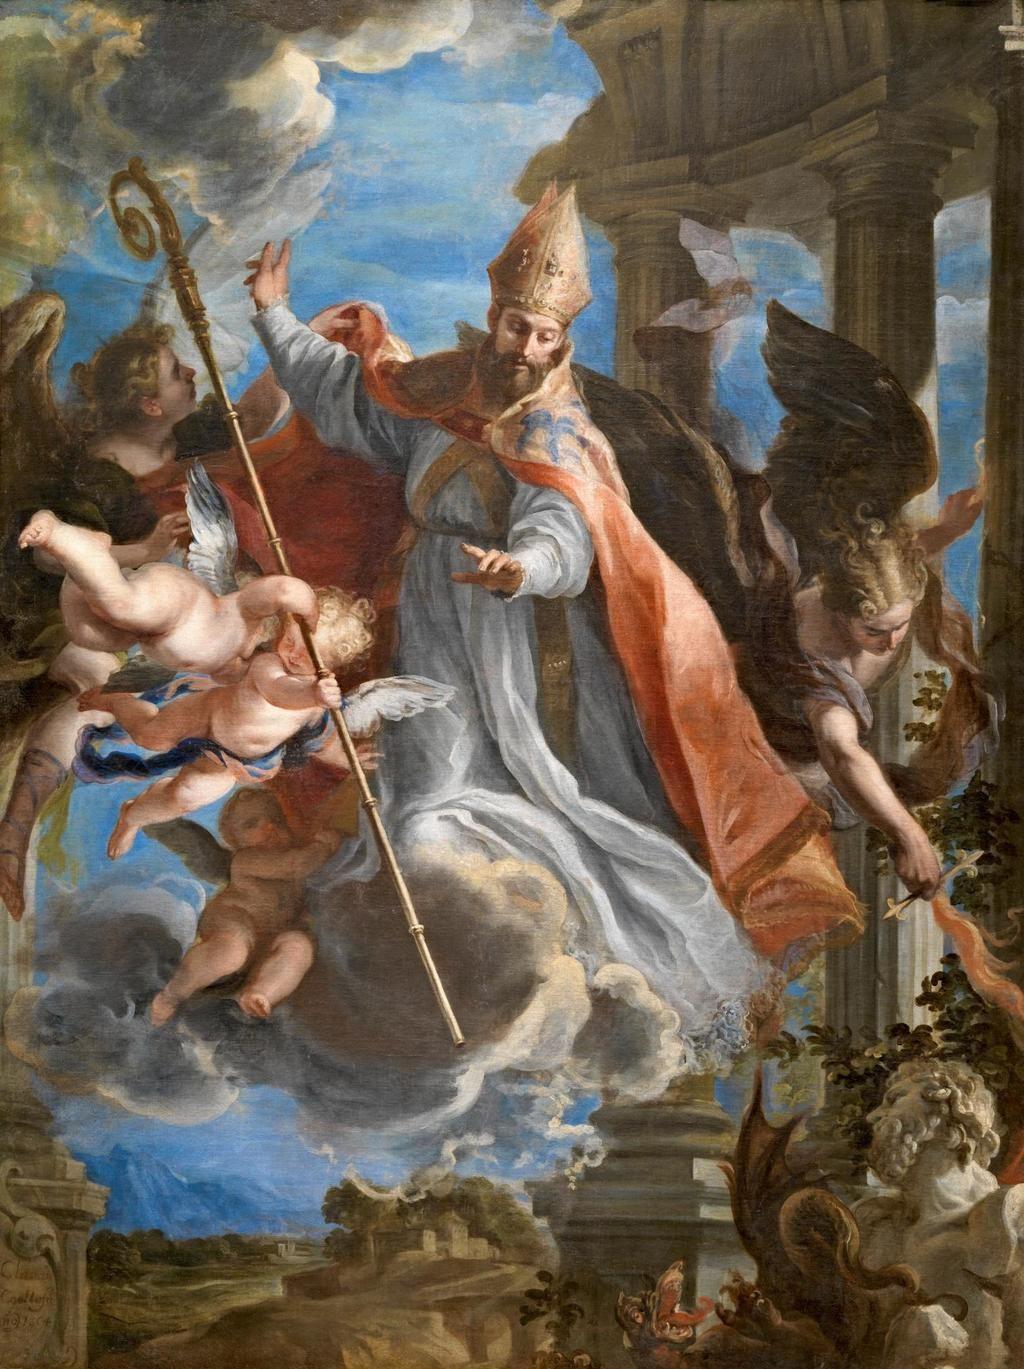 El triunfo de San Agustín, de Claudio Coello. Museo del Prado, Madrid.